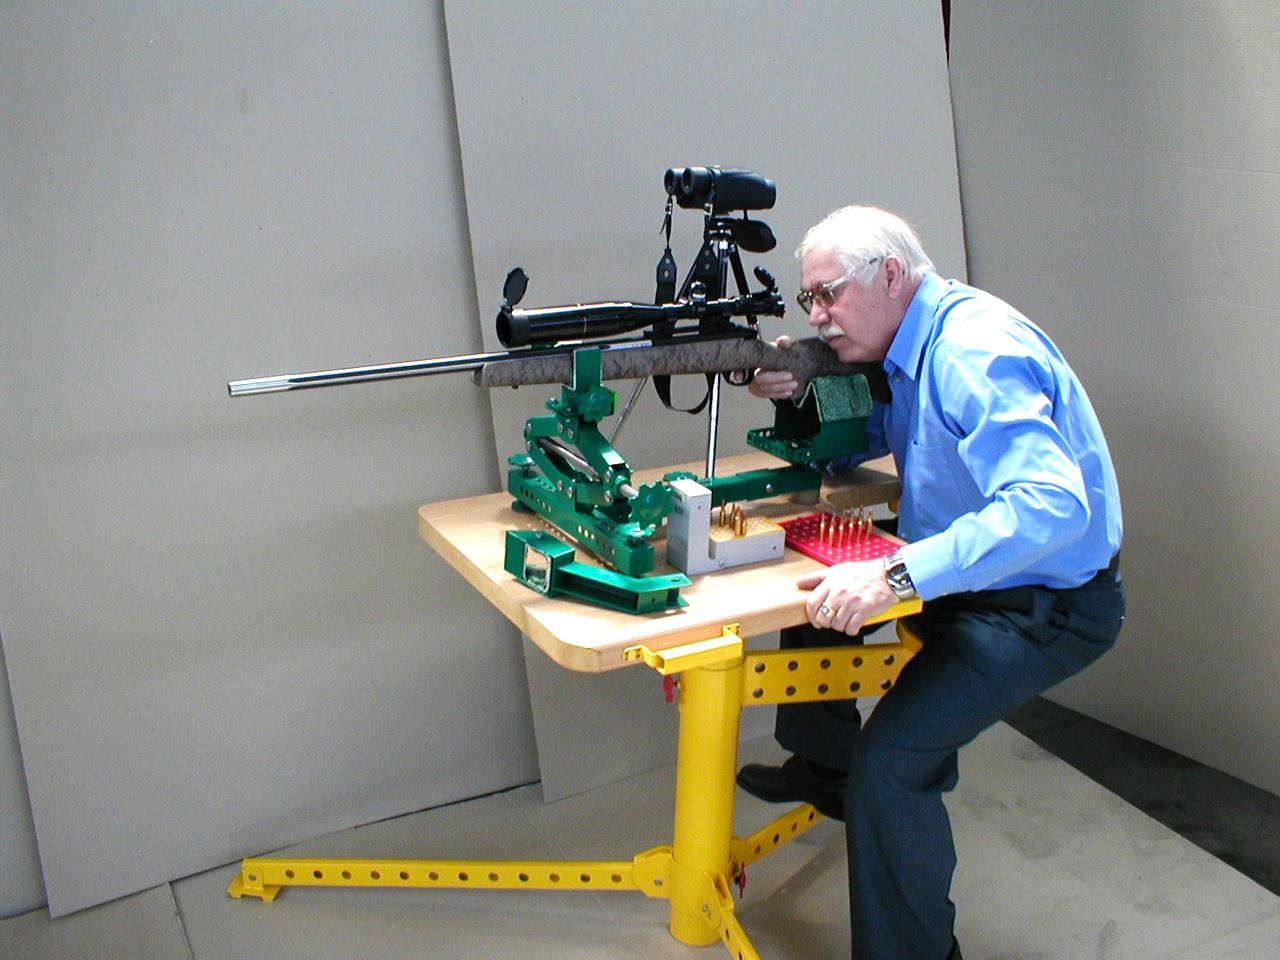 Прибор для пристрелки своими руками